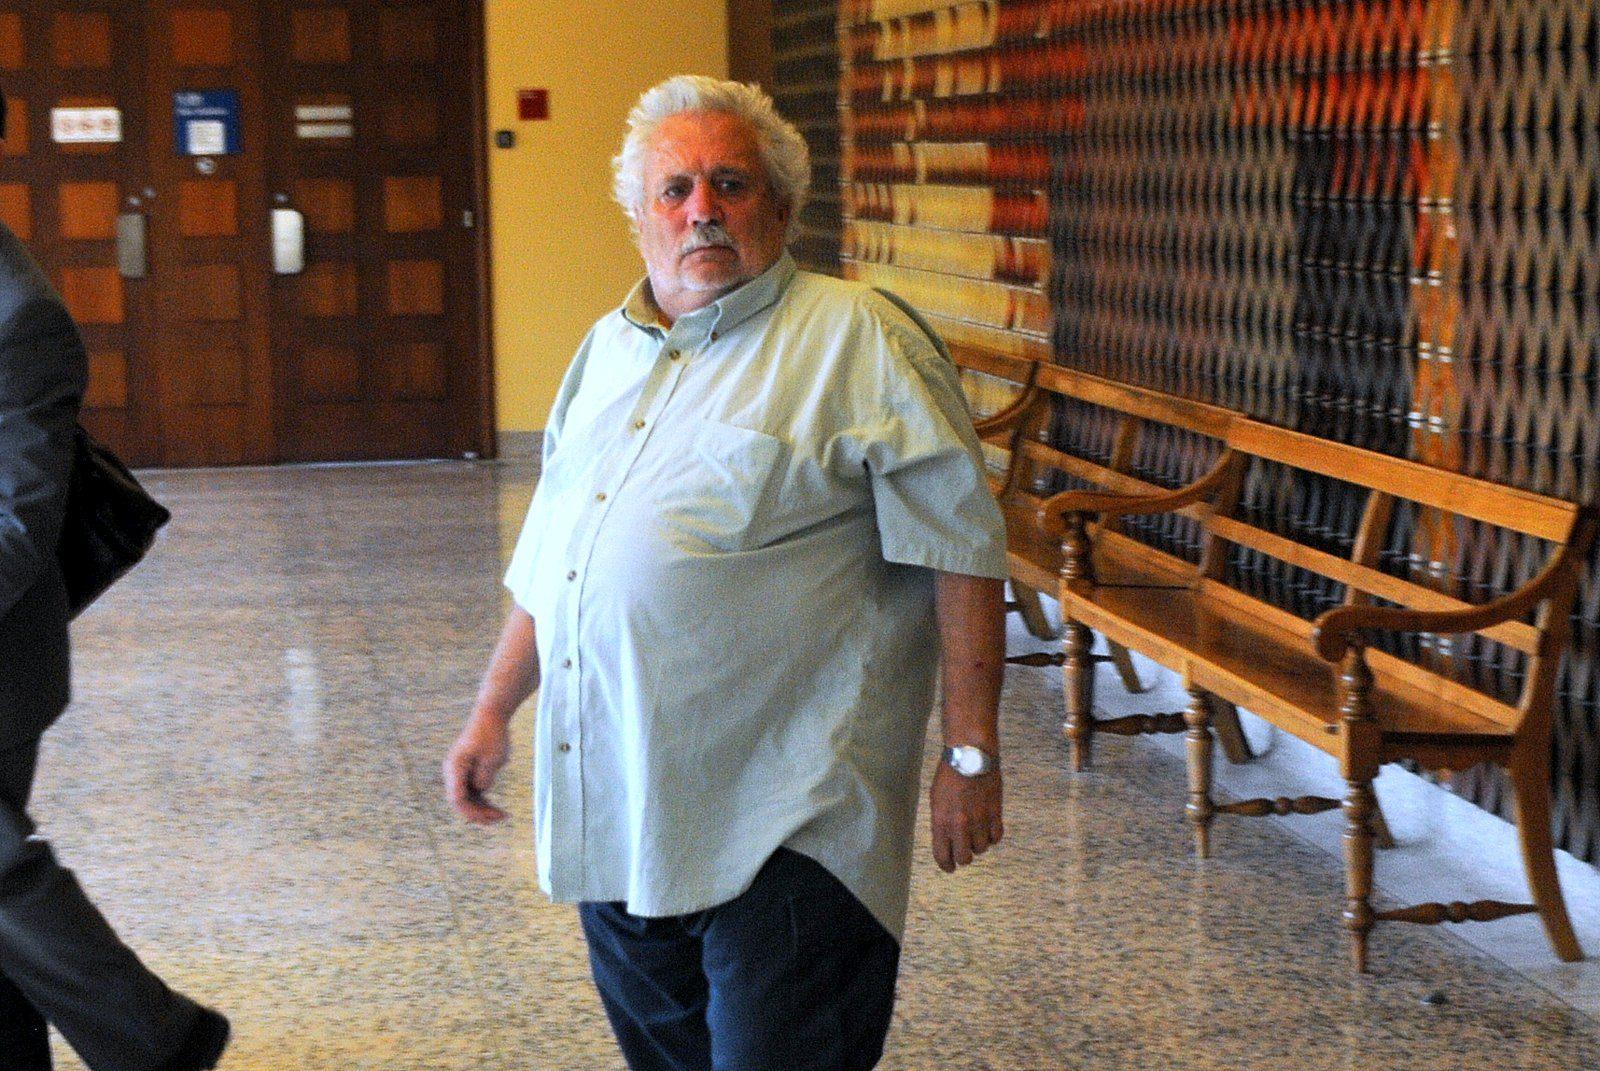 Gilles Therrien accusé d'agressions sexuelles sur des personnes mineures